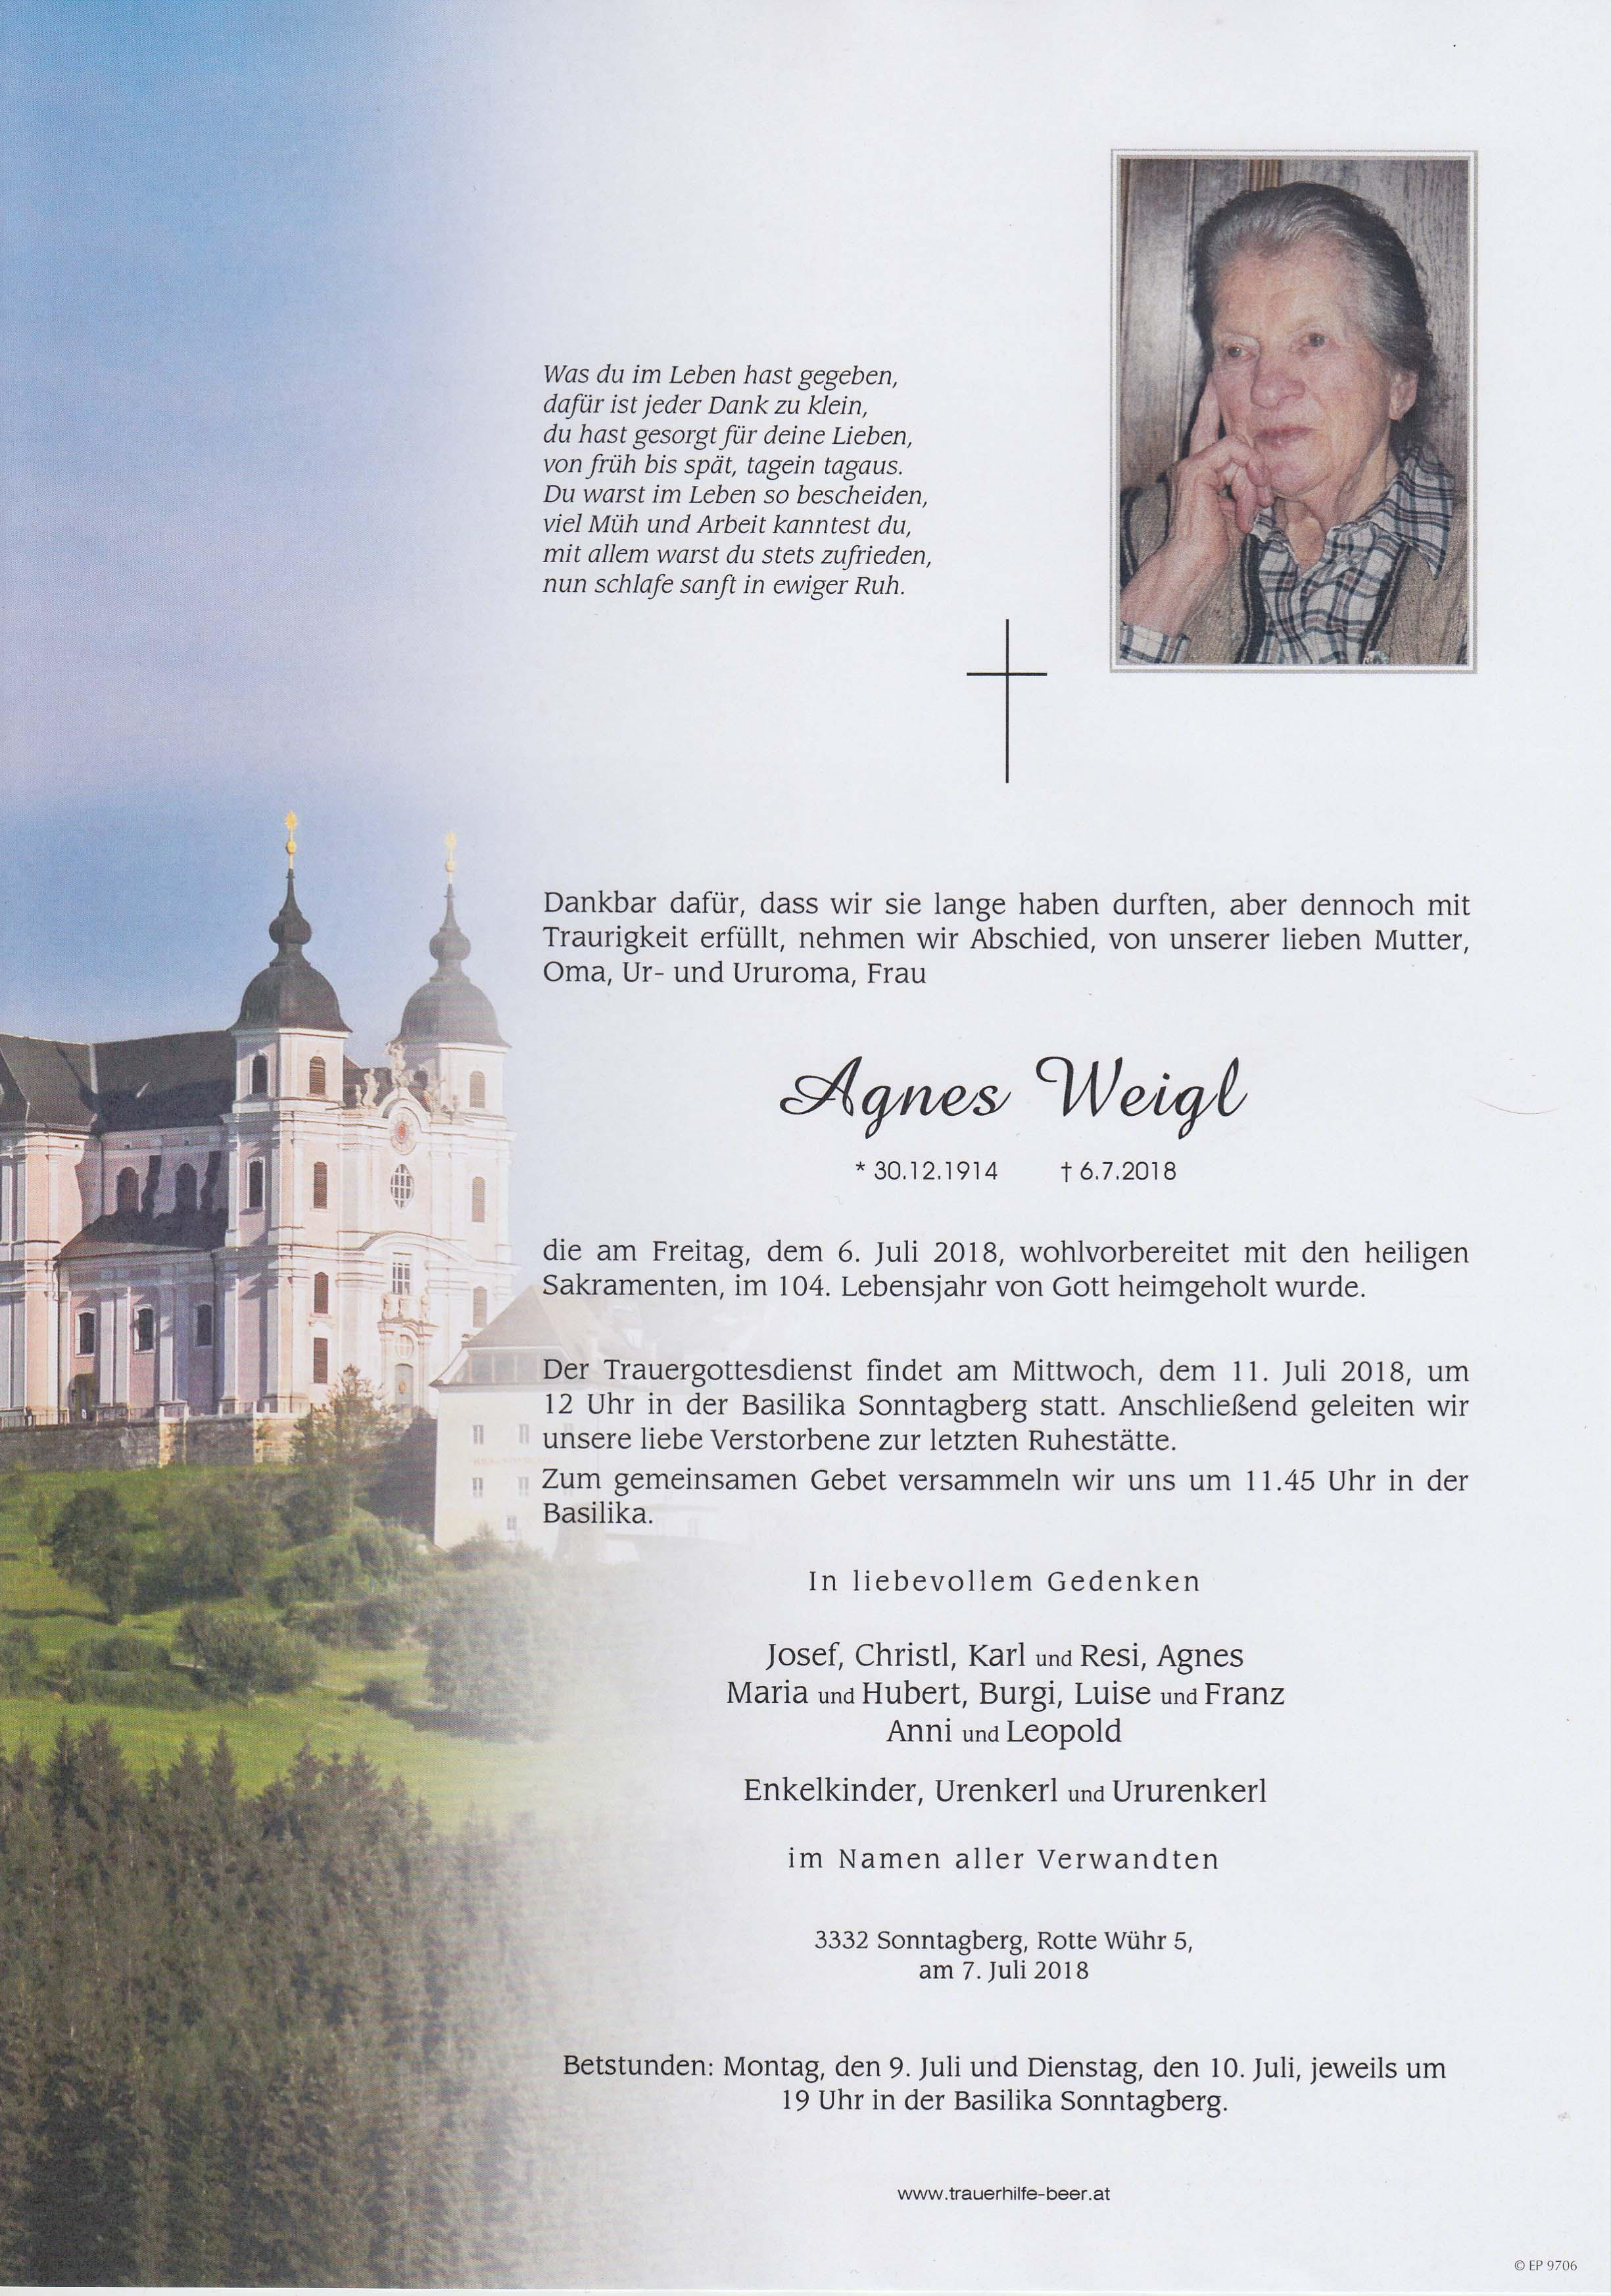 Agnes Weigl